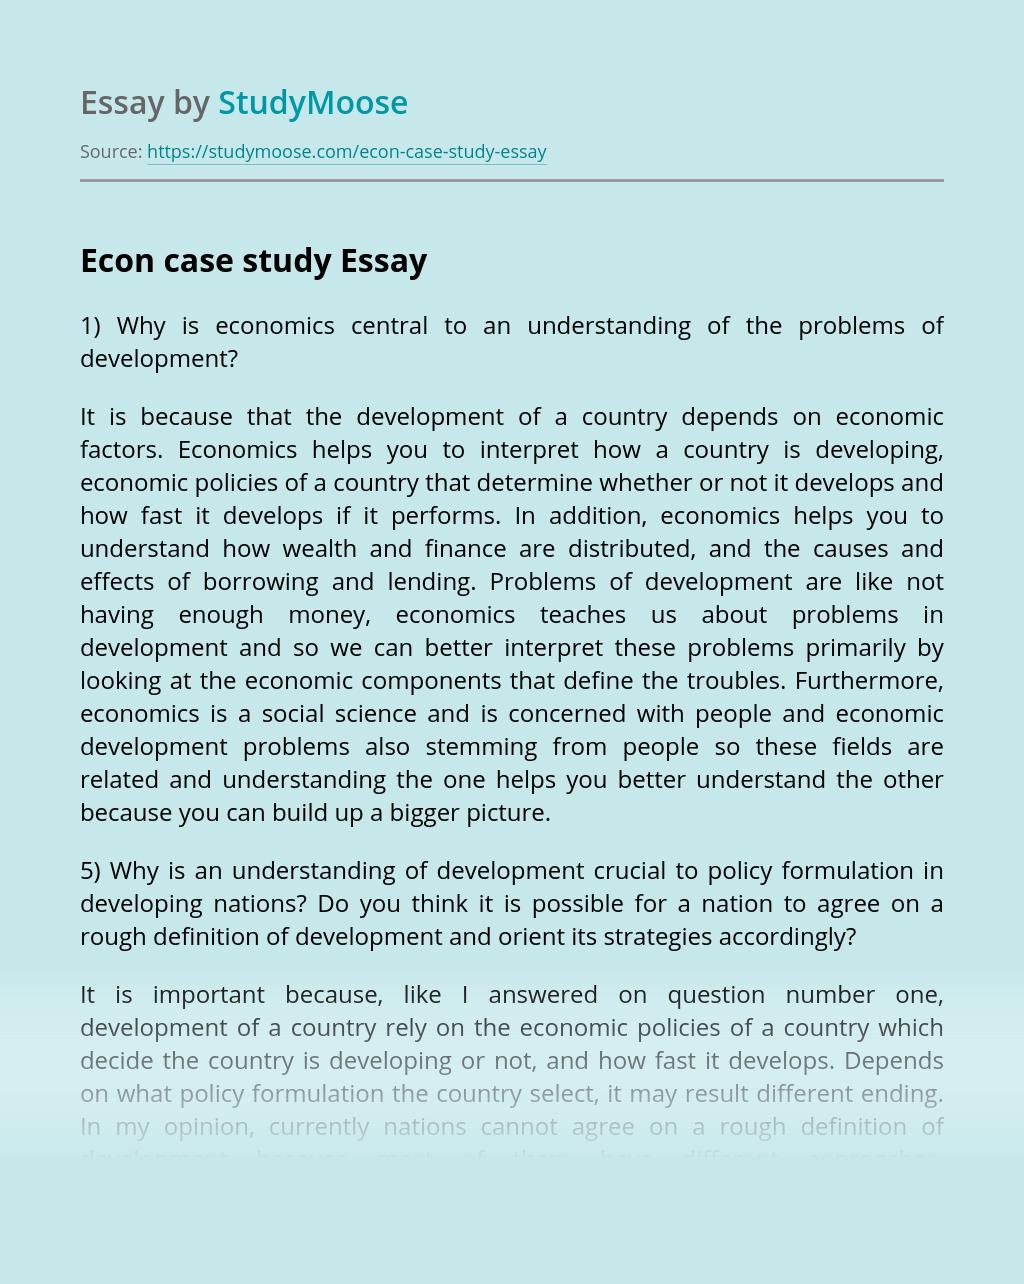 Econ case study